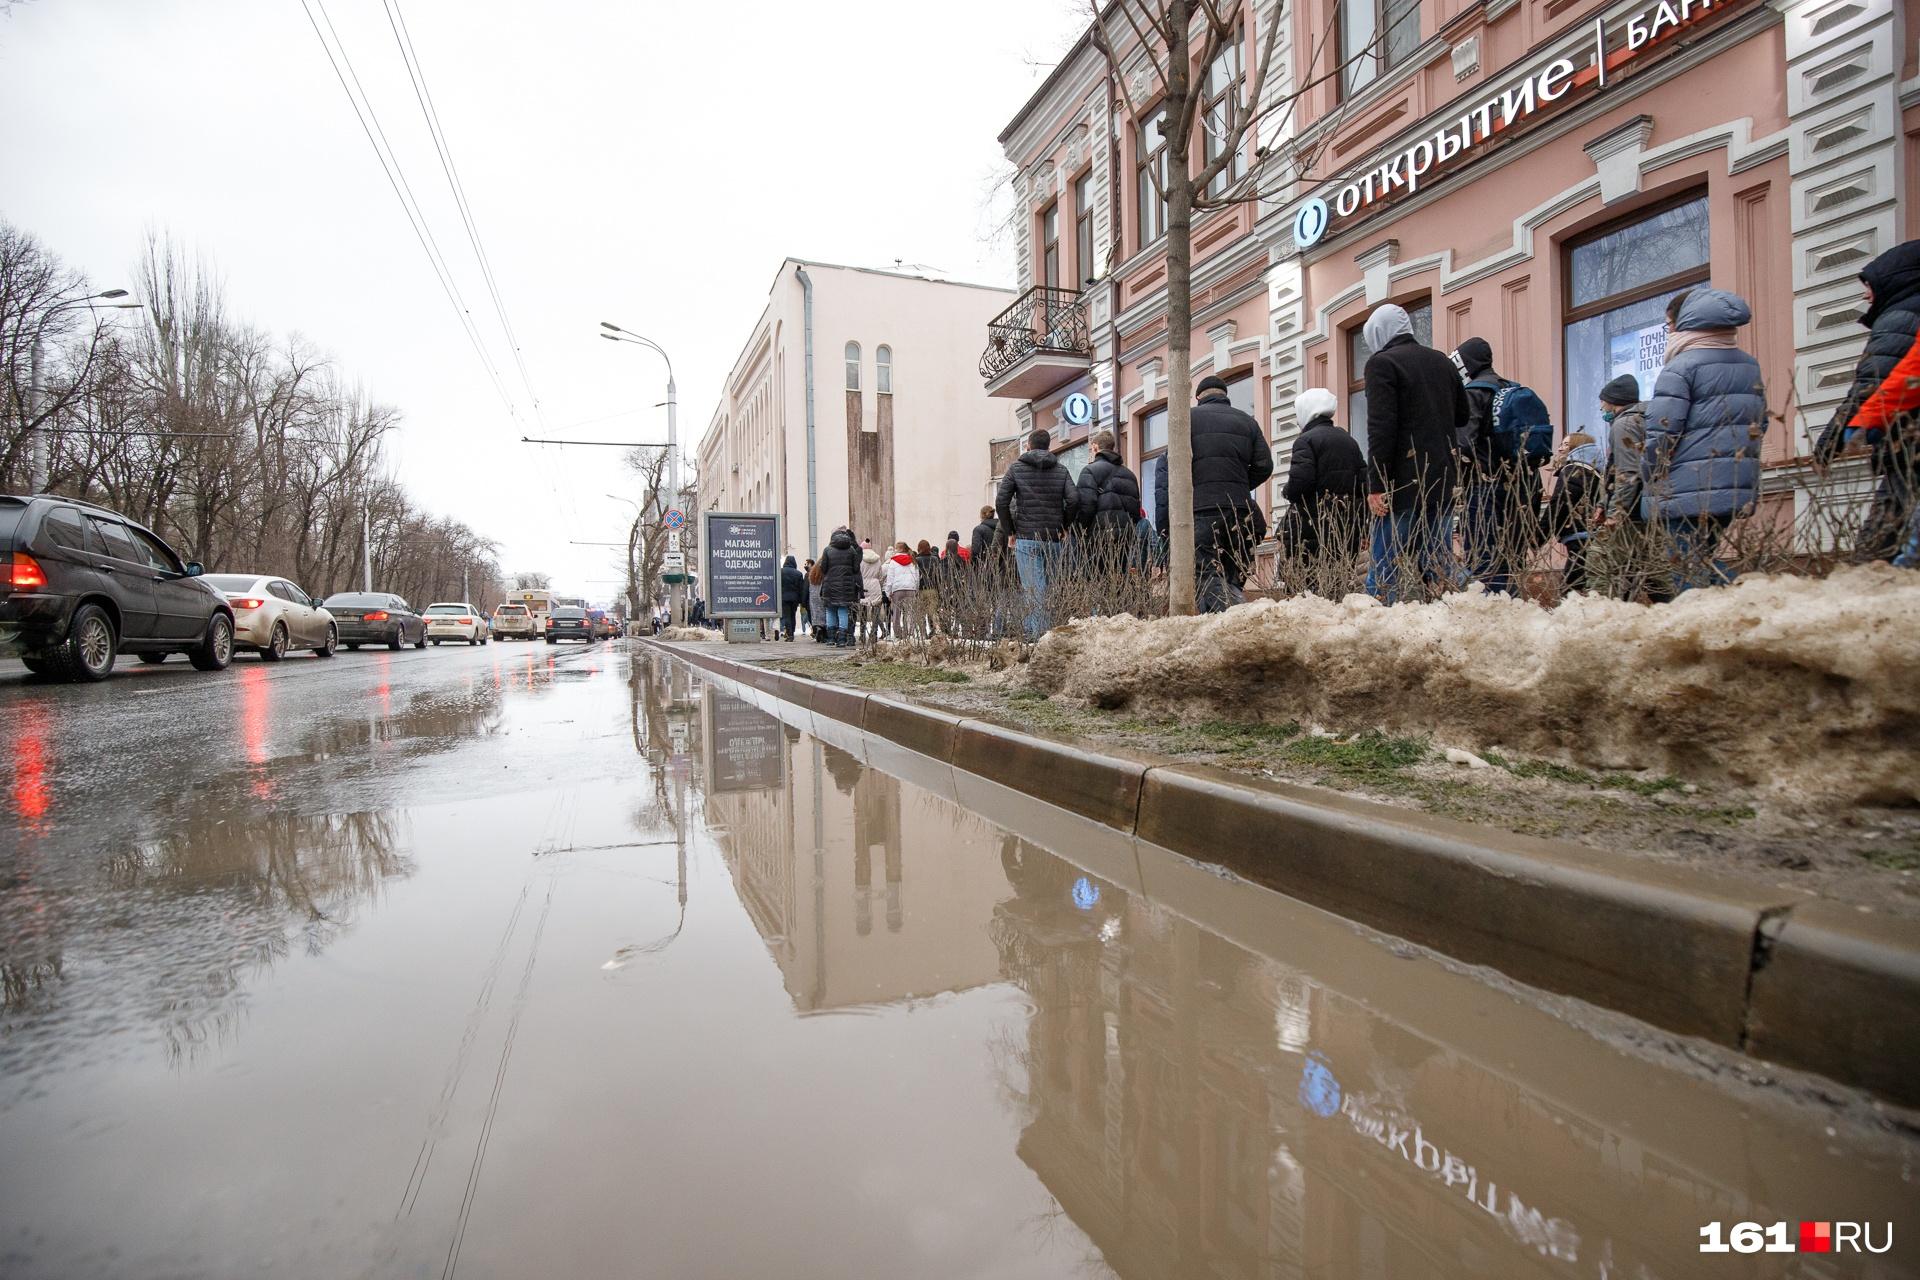 В день акции на улицах Ростова было много воды и грязи